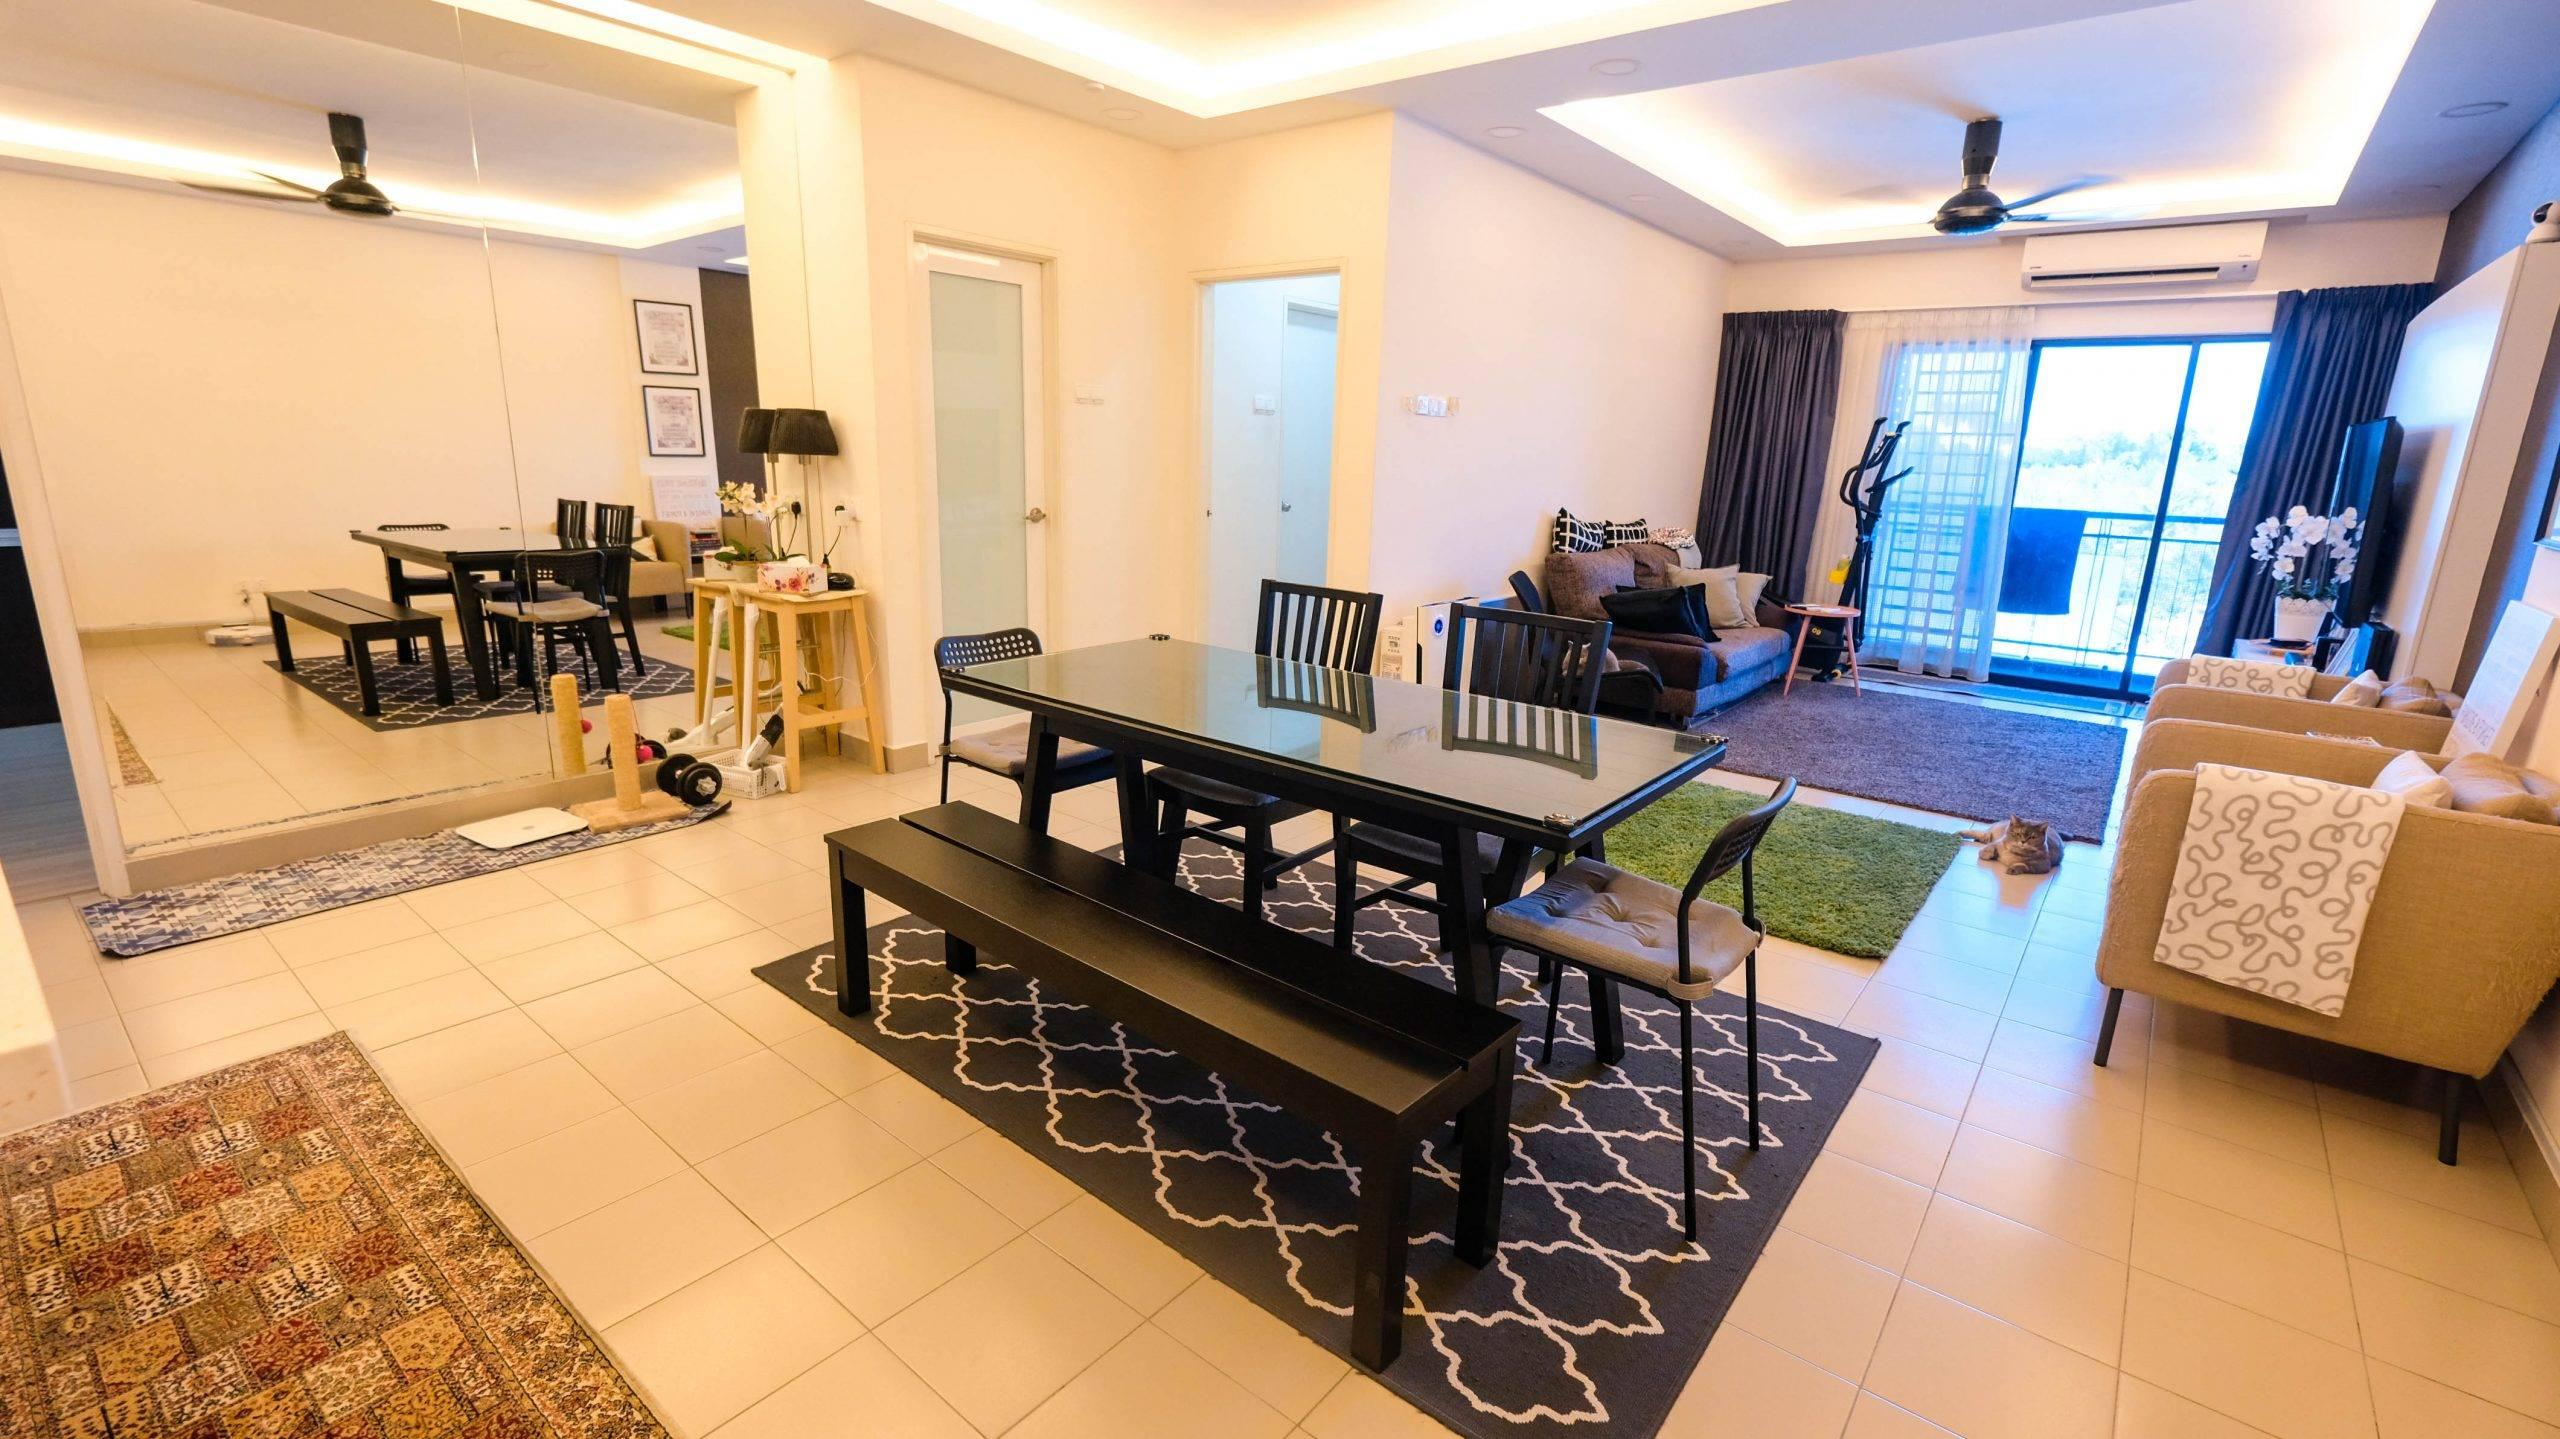 Residensi Alami Serviced Residence, Seksyen 13 Shah Alam